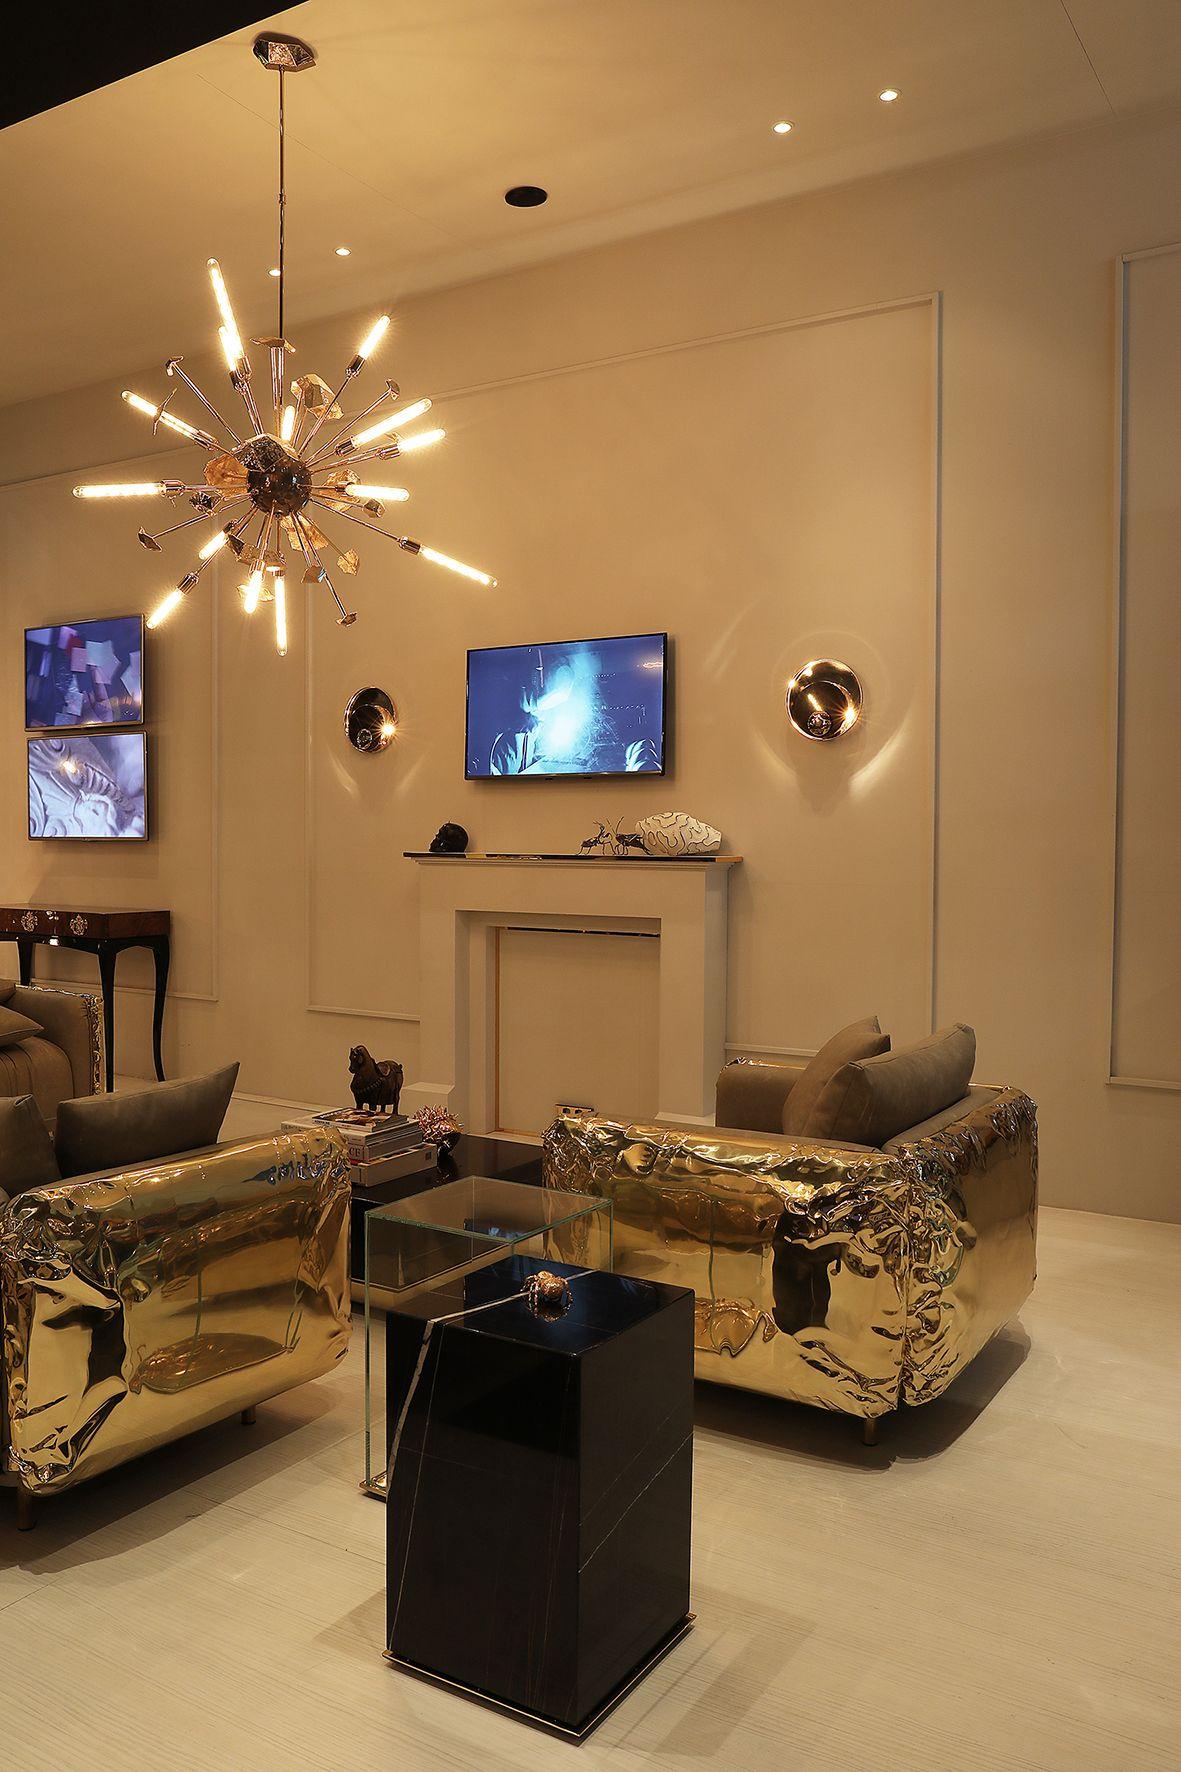 maison et objet paris 2017 | new @bocadolobo luxury furniture